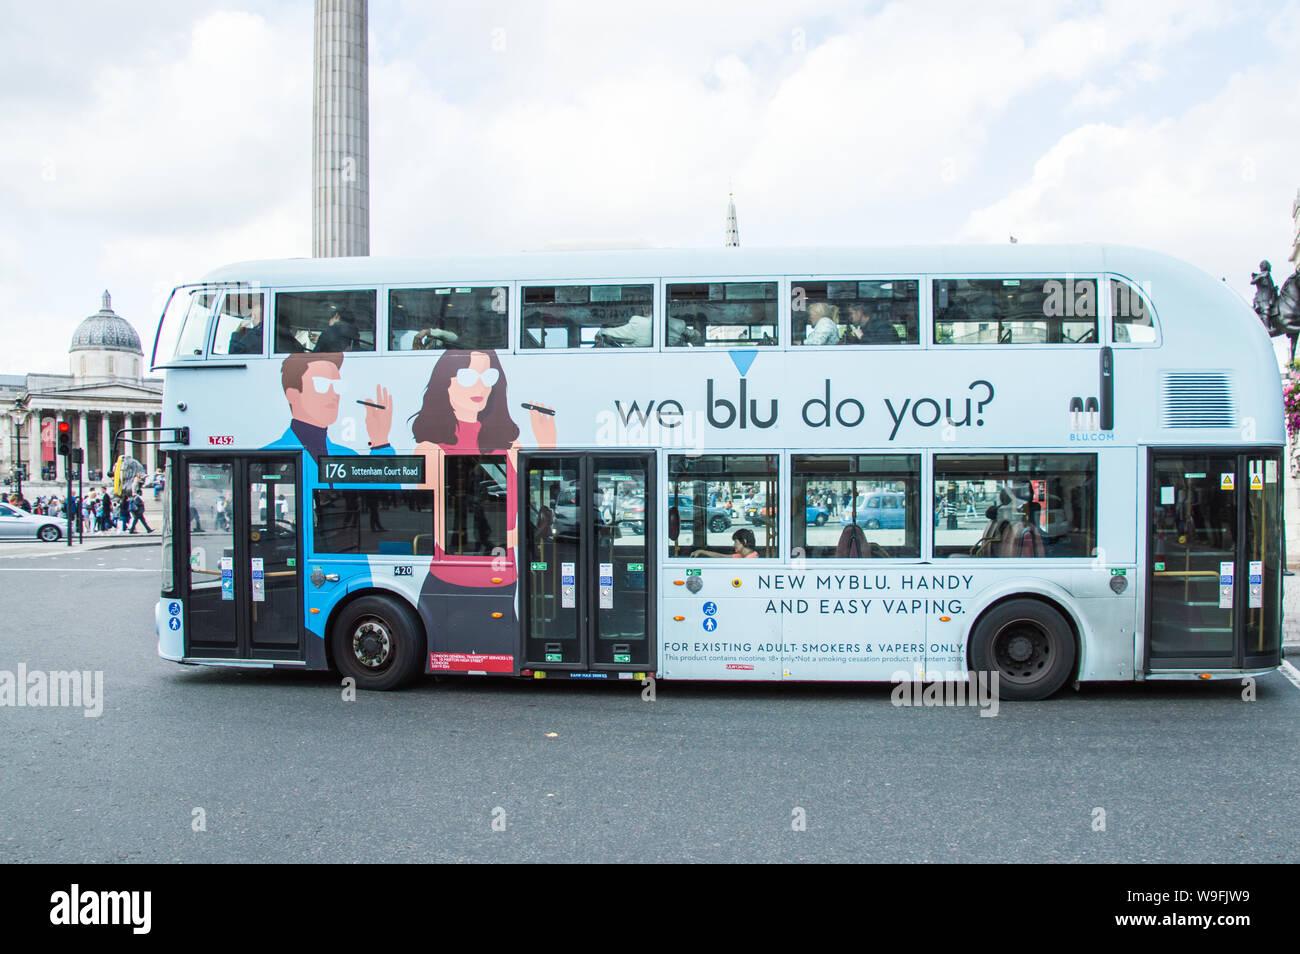 vape-blu-by-juul-advertisement-on-london-bus-W9FJW9.jpg